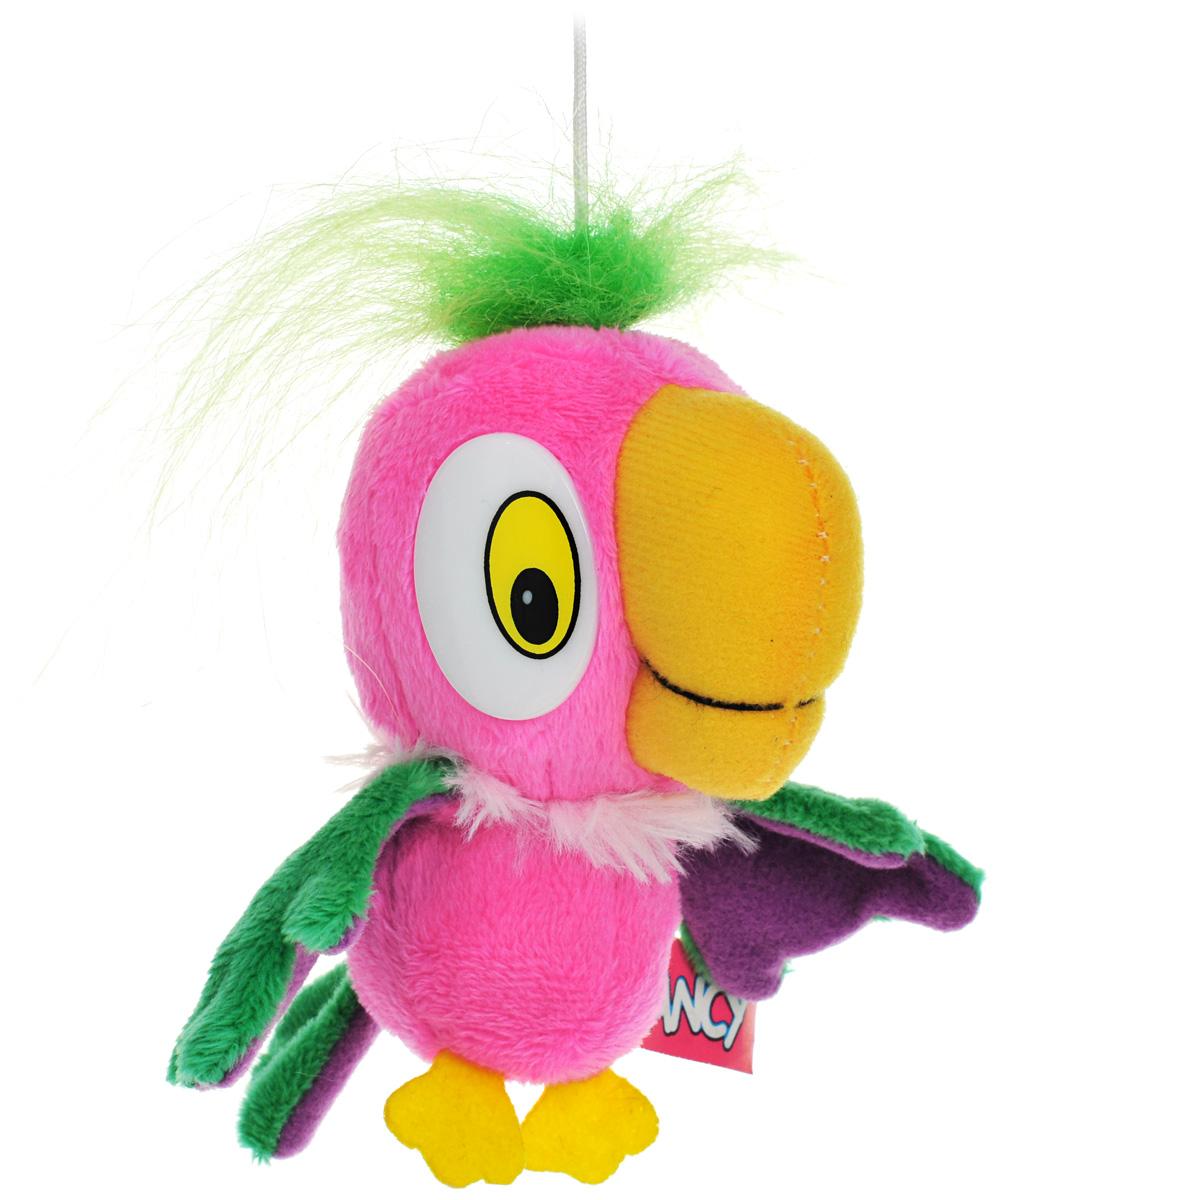 Мягкая игрушка Fancy Попугай Кеша, 12 смПКУ0Мягкая игрушка Fancy Попугай Кеша выполнена в виде попугая Кеши - одного из главных героев любимого многими мультфильма Возвращение блудного попугая. Игрушка изготовлена из мягкого искусственного меха с пластиковыми глазками. На голове у игрушки имеется текстильная петелька высотой 5 см. Необычайно мягкая игрушка принесет радость и подарит своему обладателю мгновения нежных объятий и приятных воспоминаний.